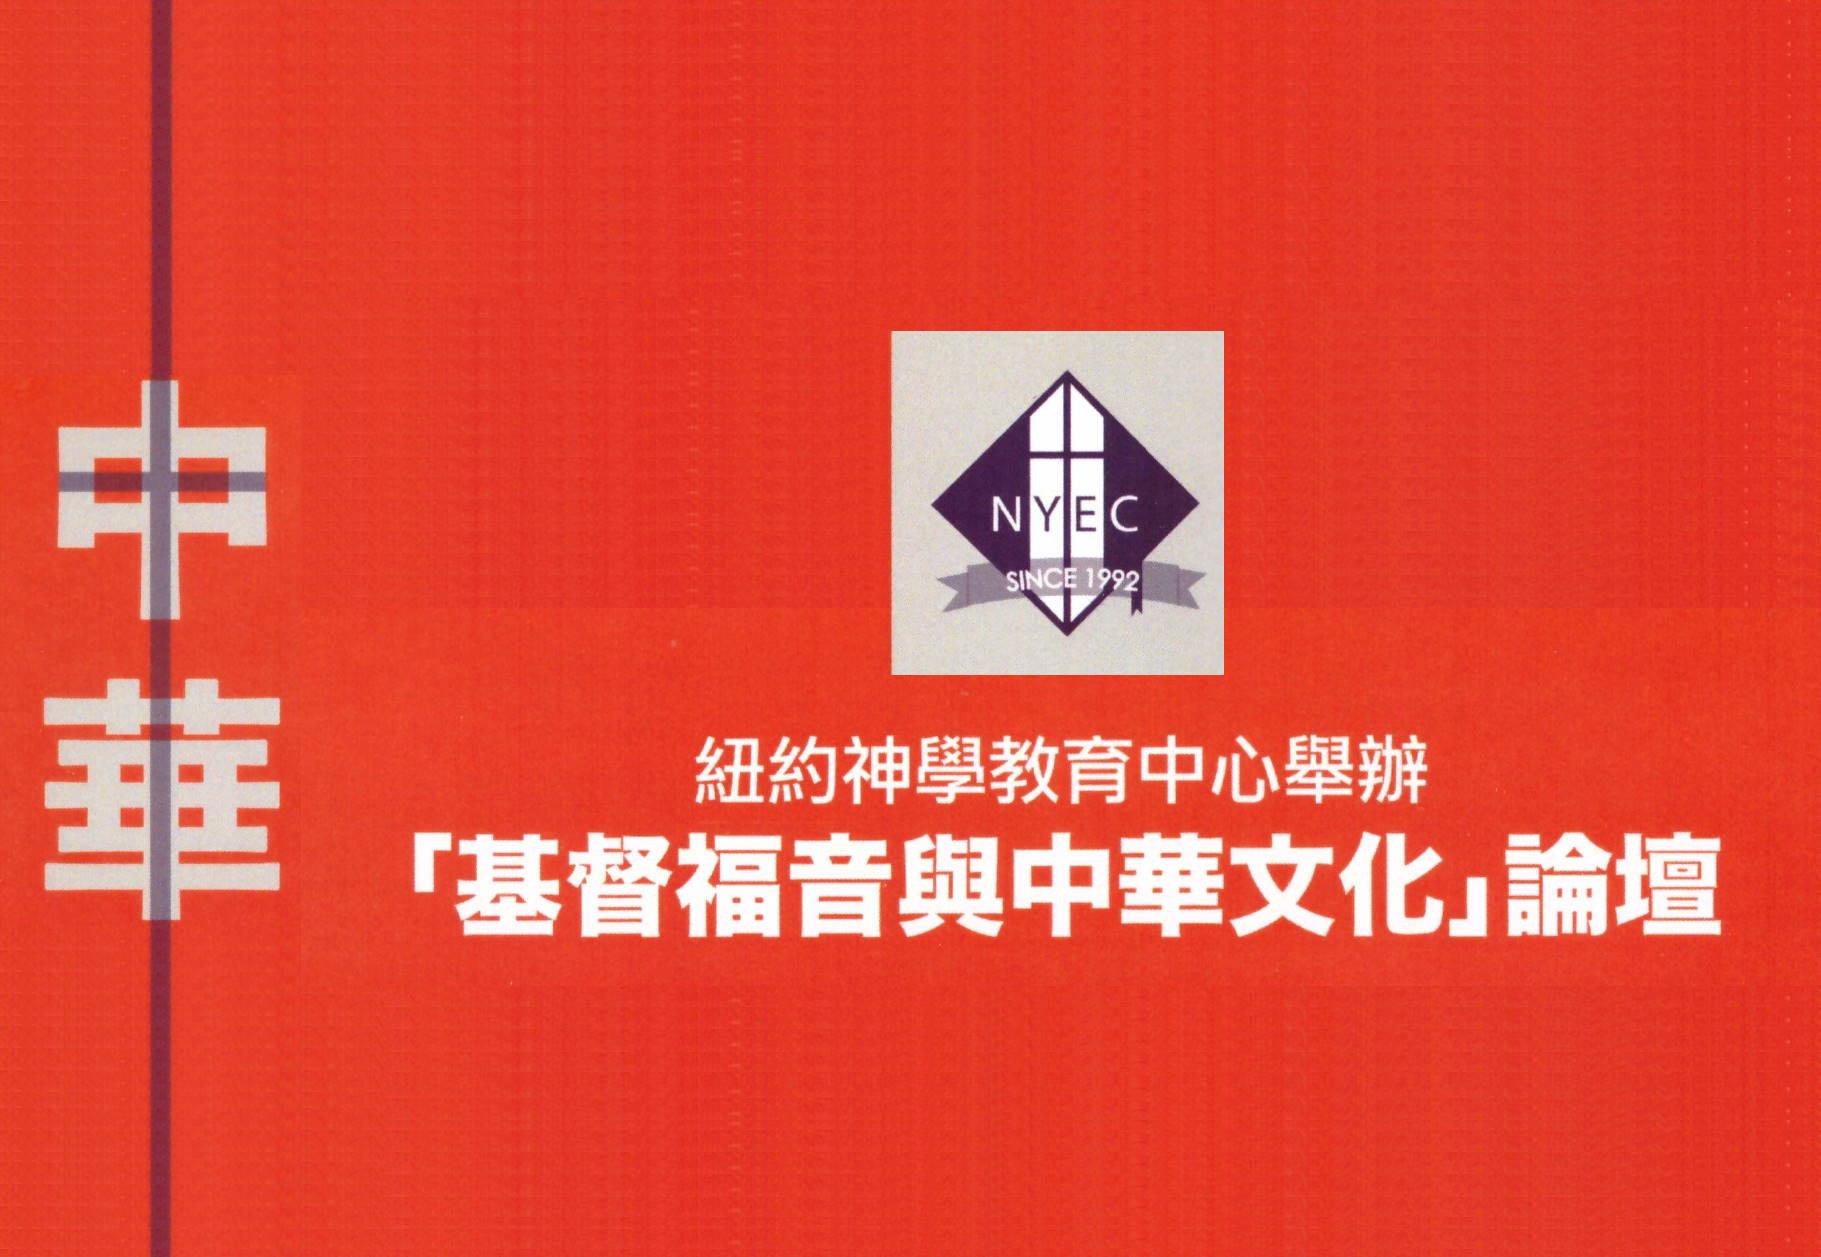 「基督福音與中華文化」論壇